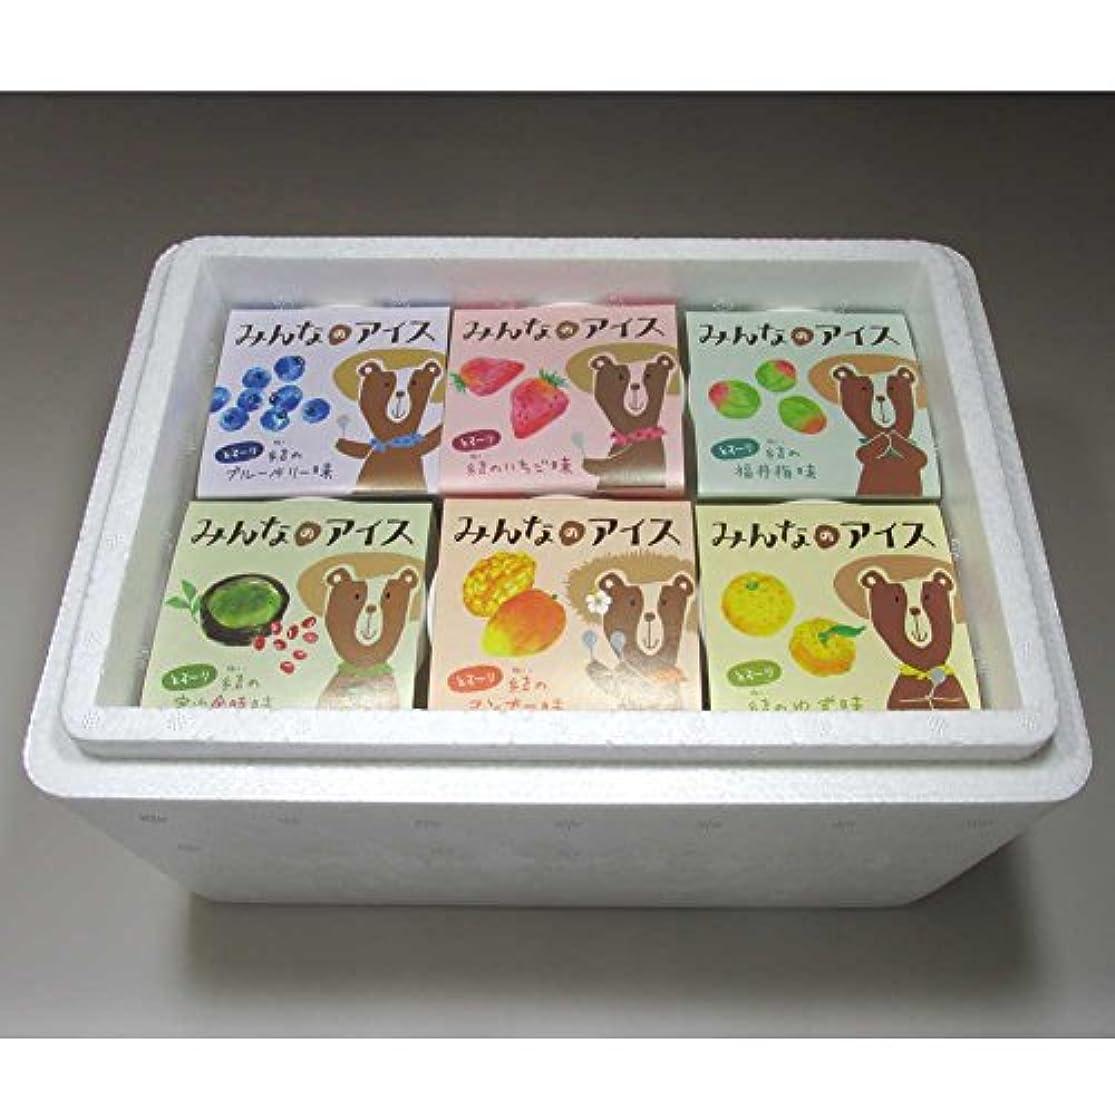 ハード問い合わせる回転するSFV生産農場 建石農園「アレルギーフリー☆みんなのアイス (6個)」 -クール冷凍-